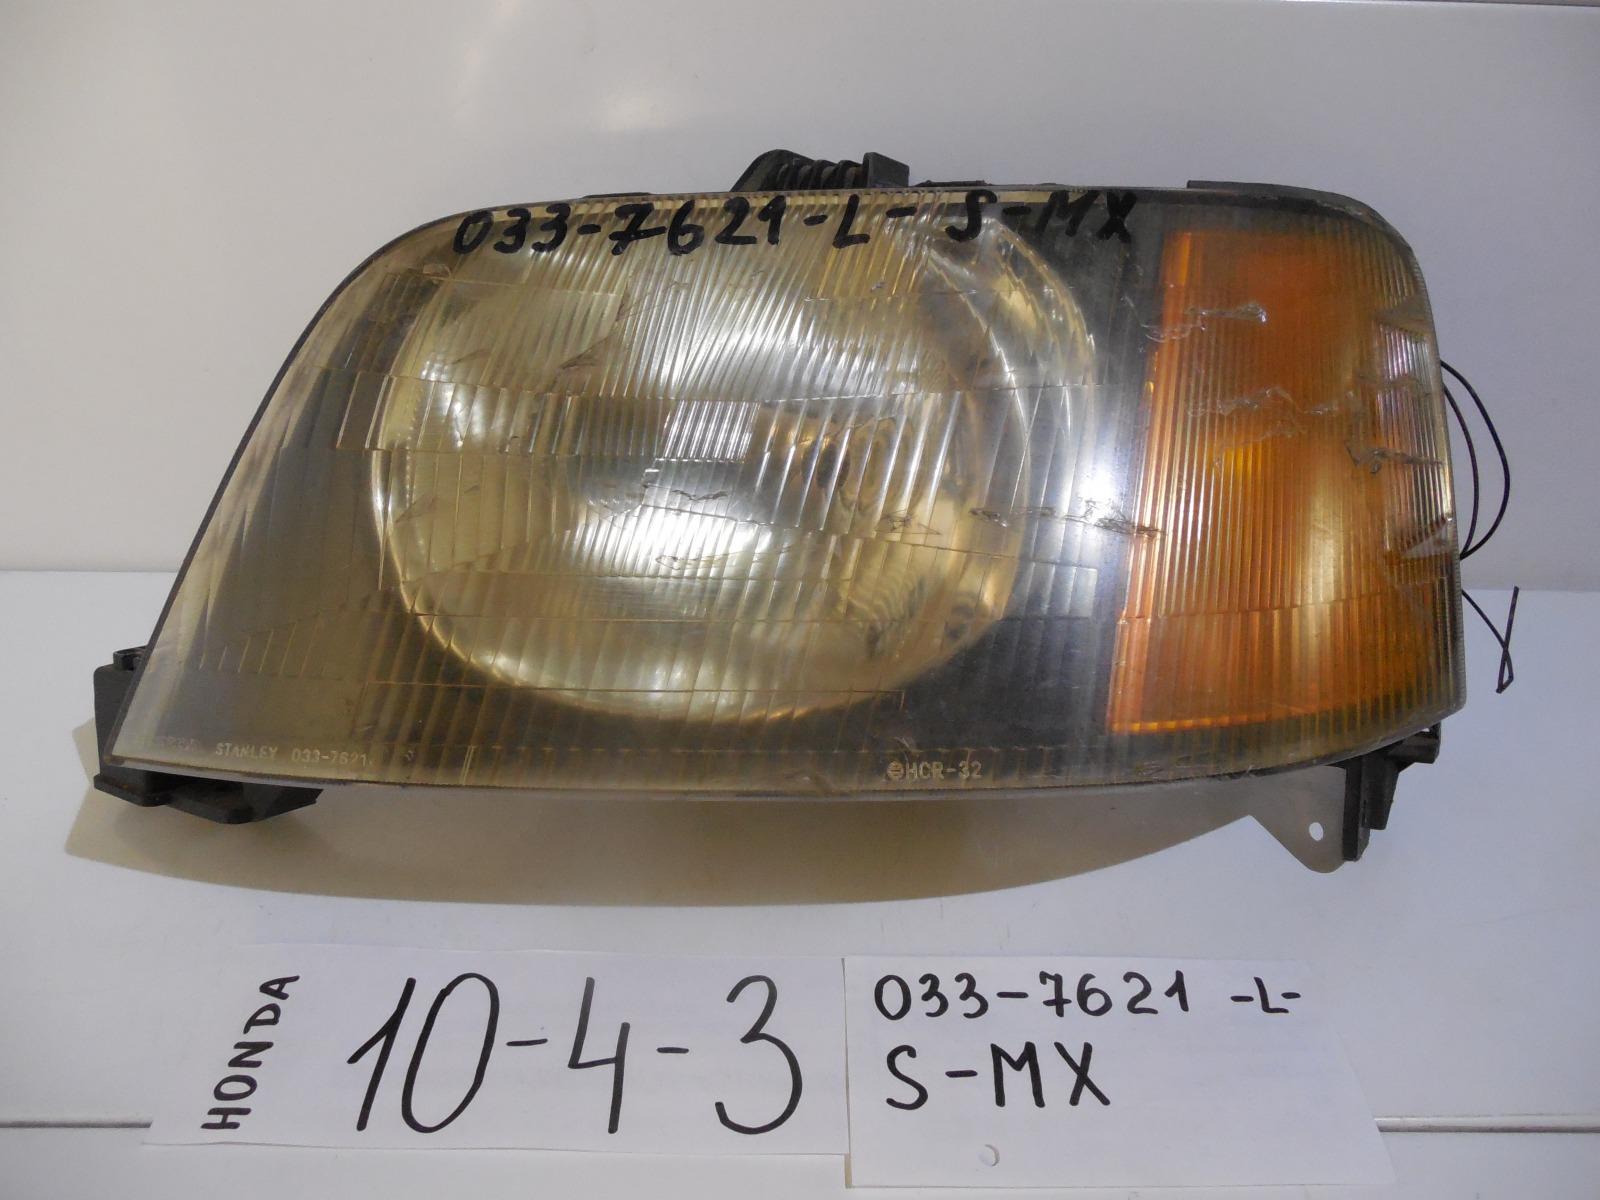 Фара Honda S-Mx RH2 передняя левая (б/у)